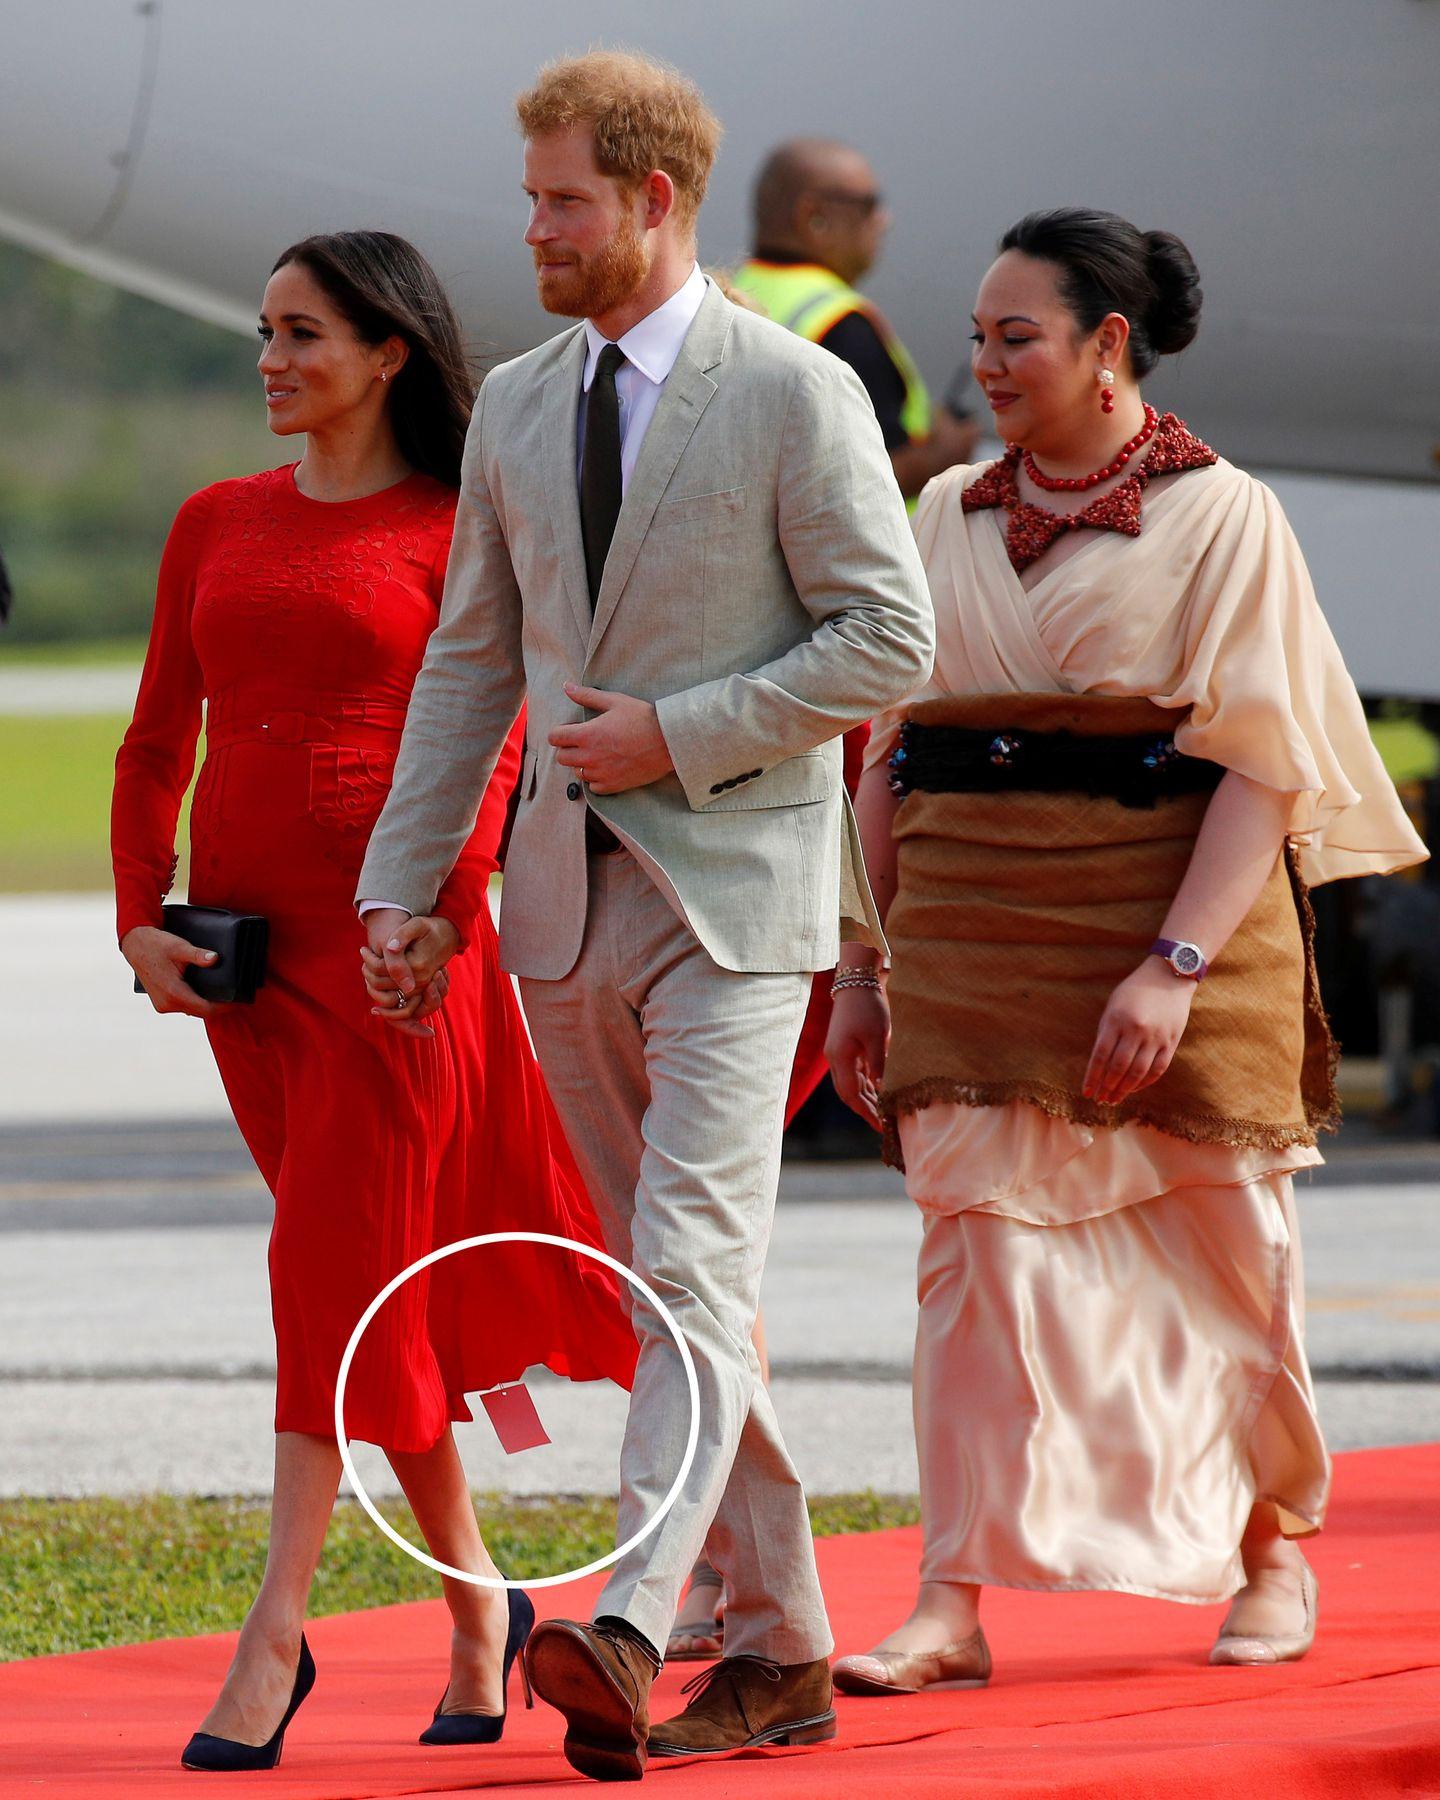 Deutlich sichtbar baumelt am Saum von Meghans Kleid noch das Etikett des Herstellers